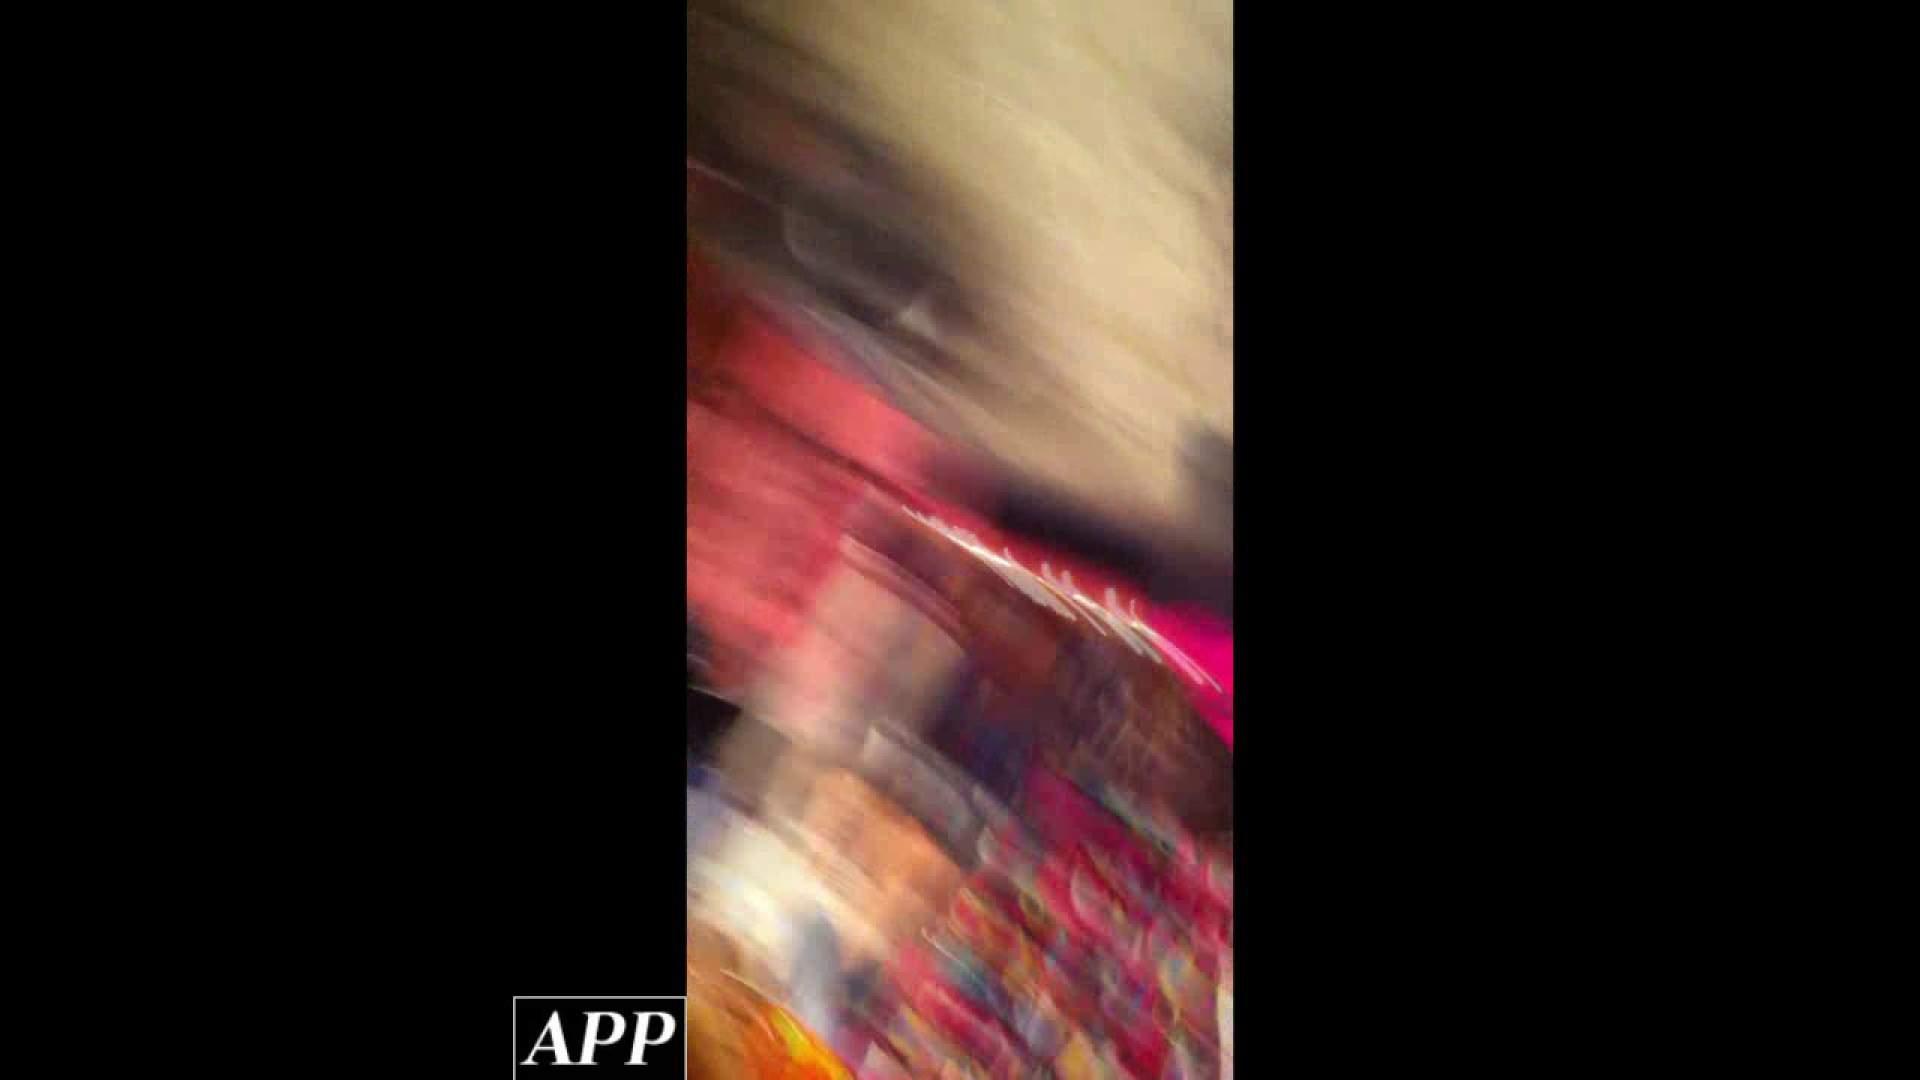 ハイビジョン盗撮!ショップ店員千人斬り!胸チラ編 vol.91 接写 盗み撮りAV無料動画キャプチャ 73PICs 17